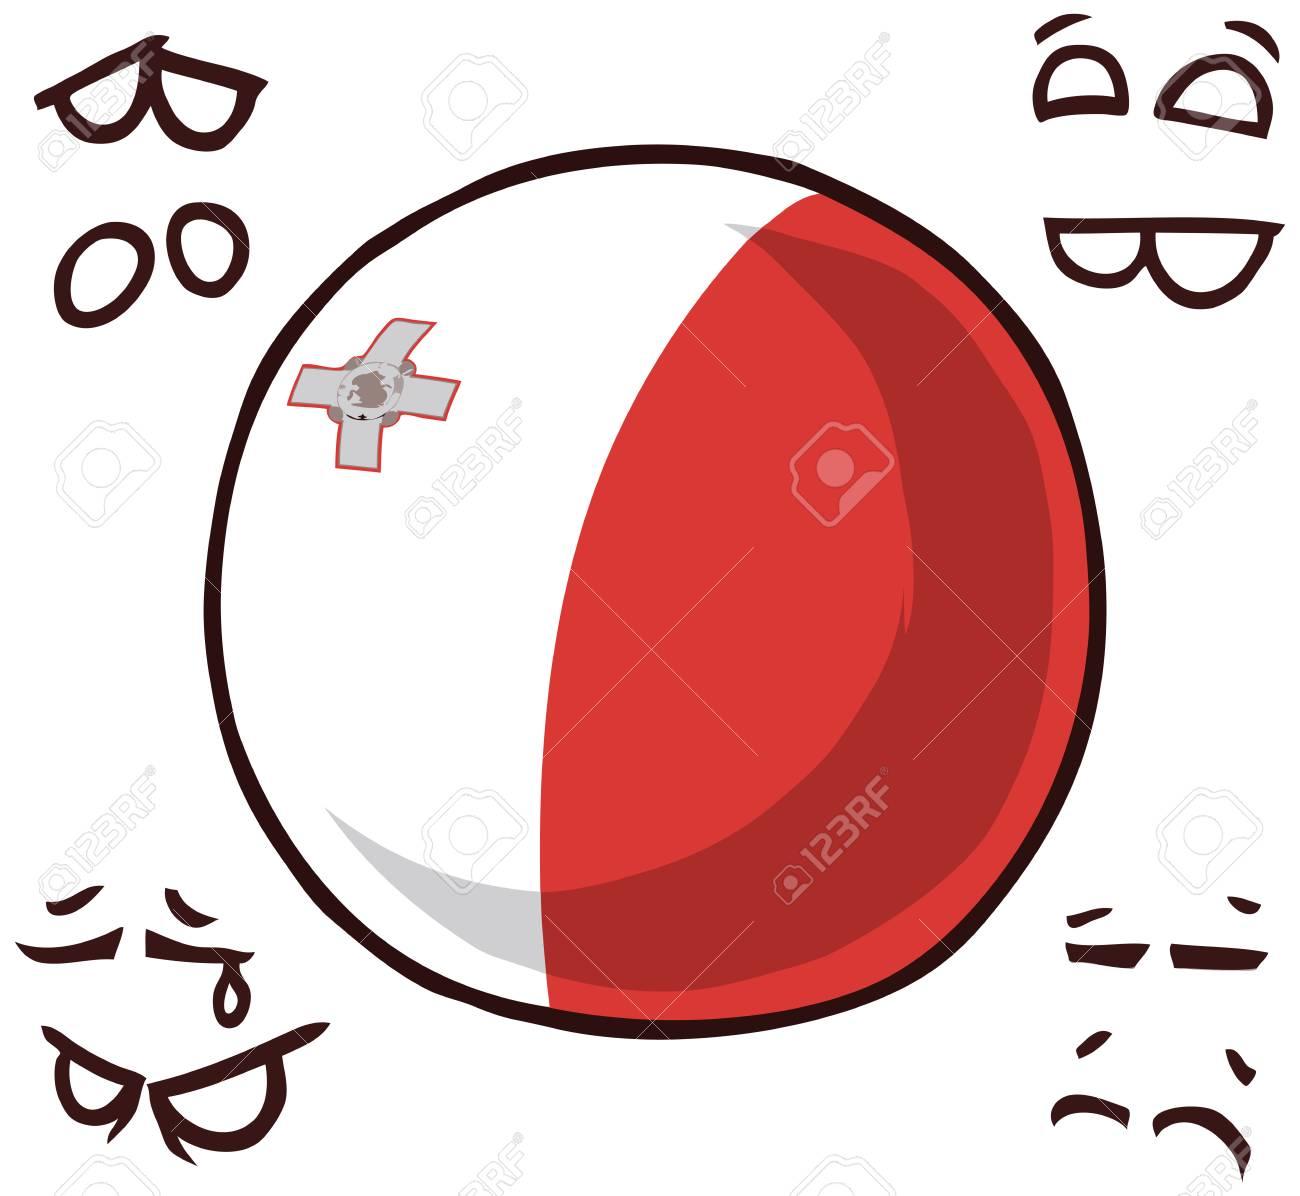 Malta country ball - 110723165